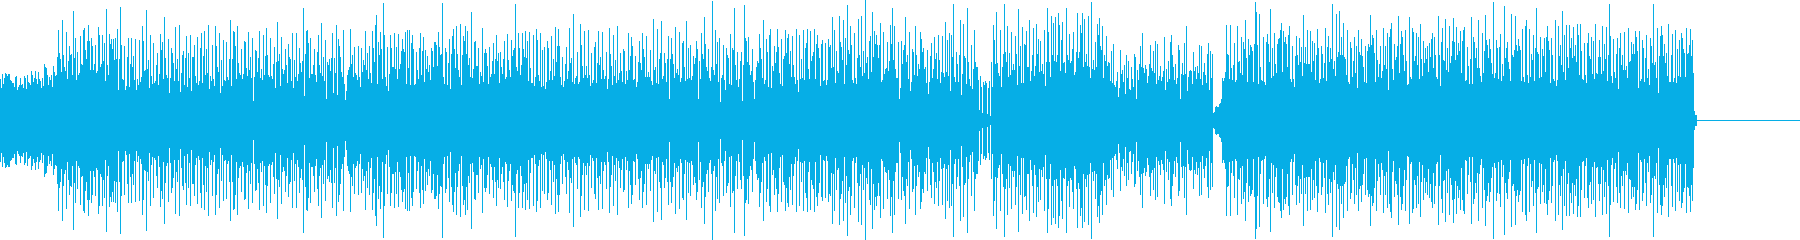 ハッピー、エネルギッシュ、ポップ/...の再生済みの波形